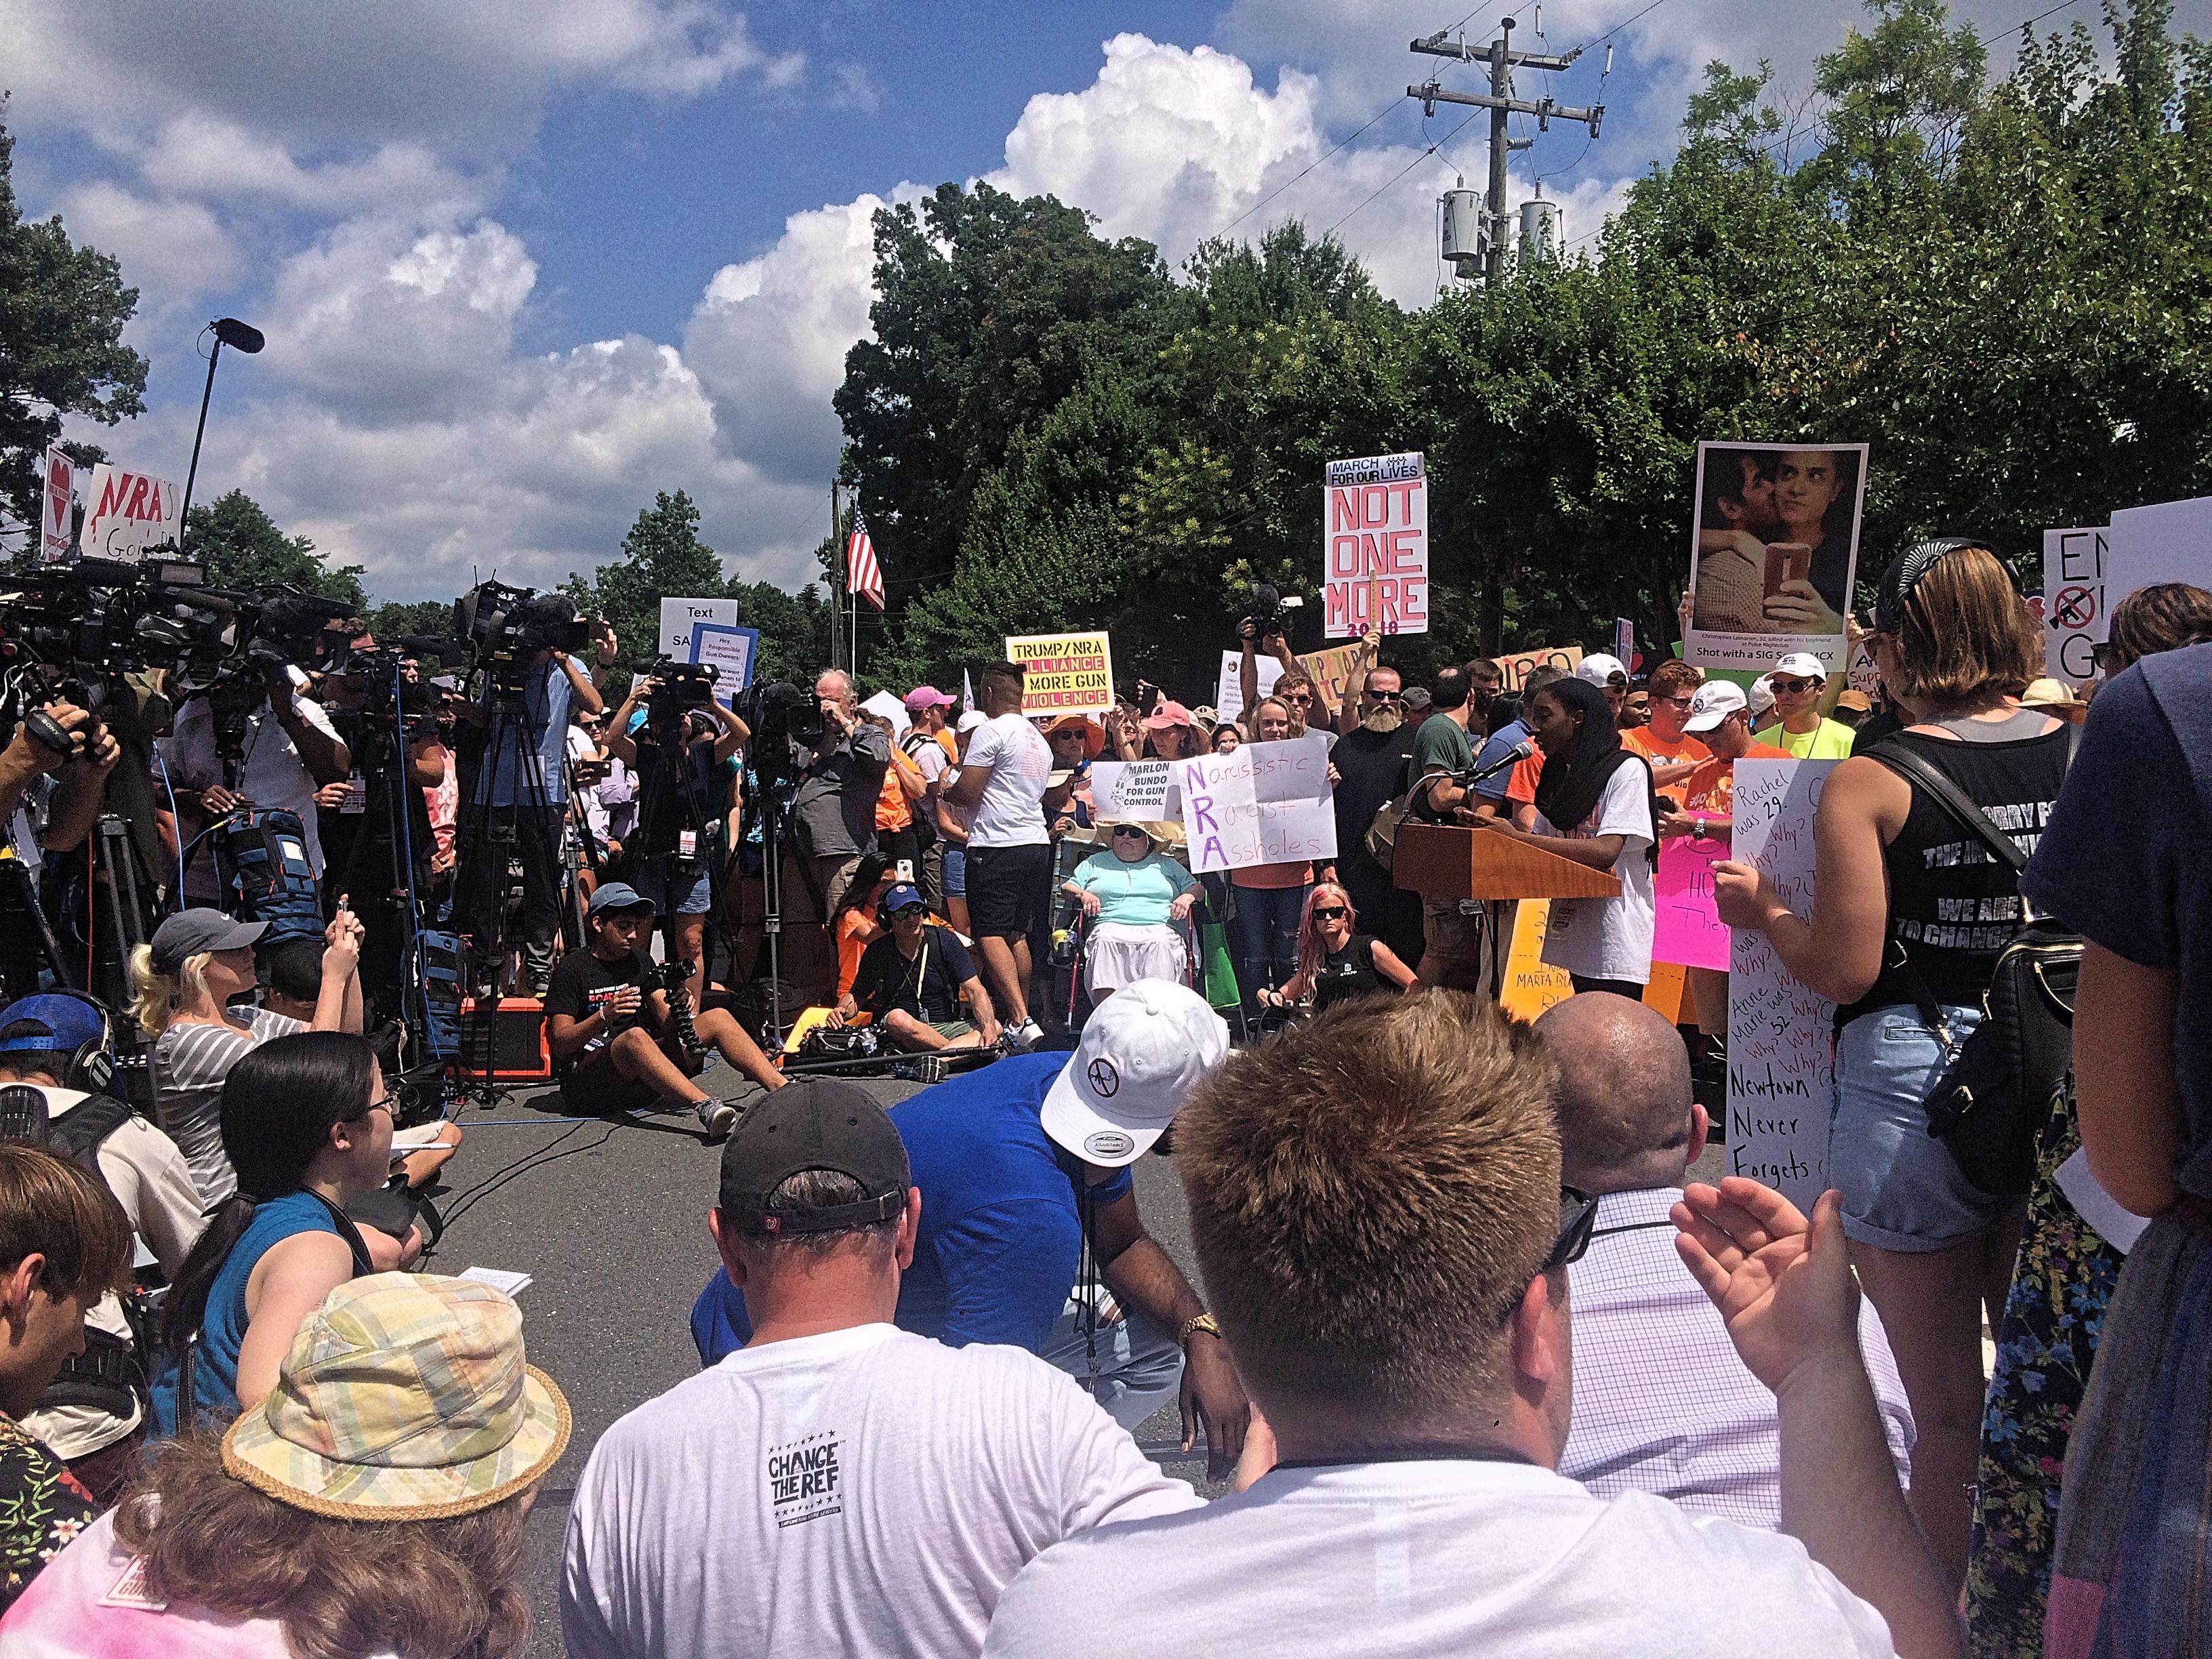 NRA rally